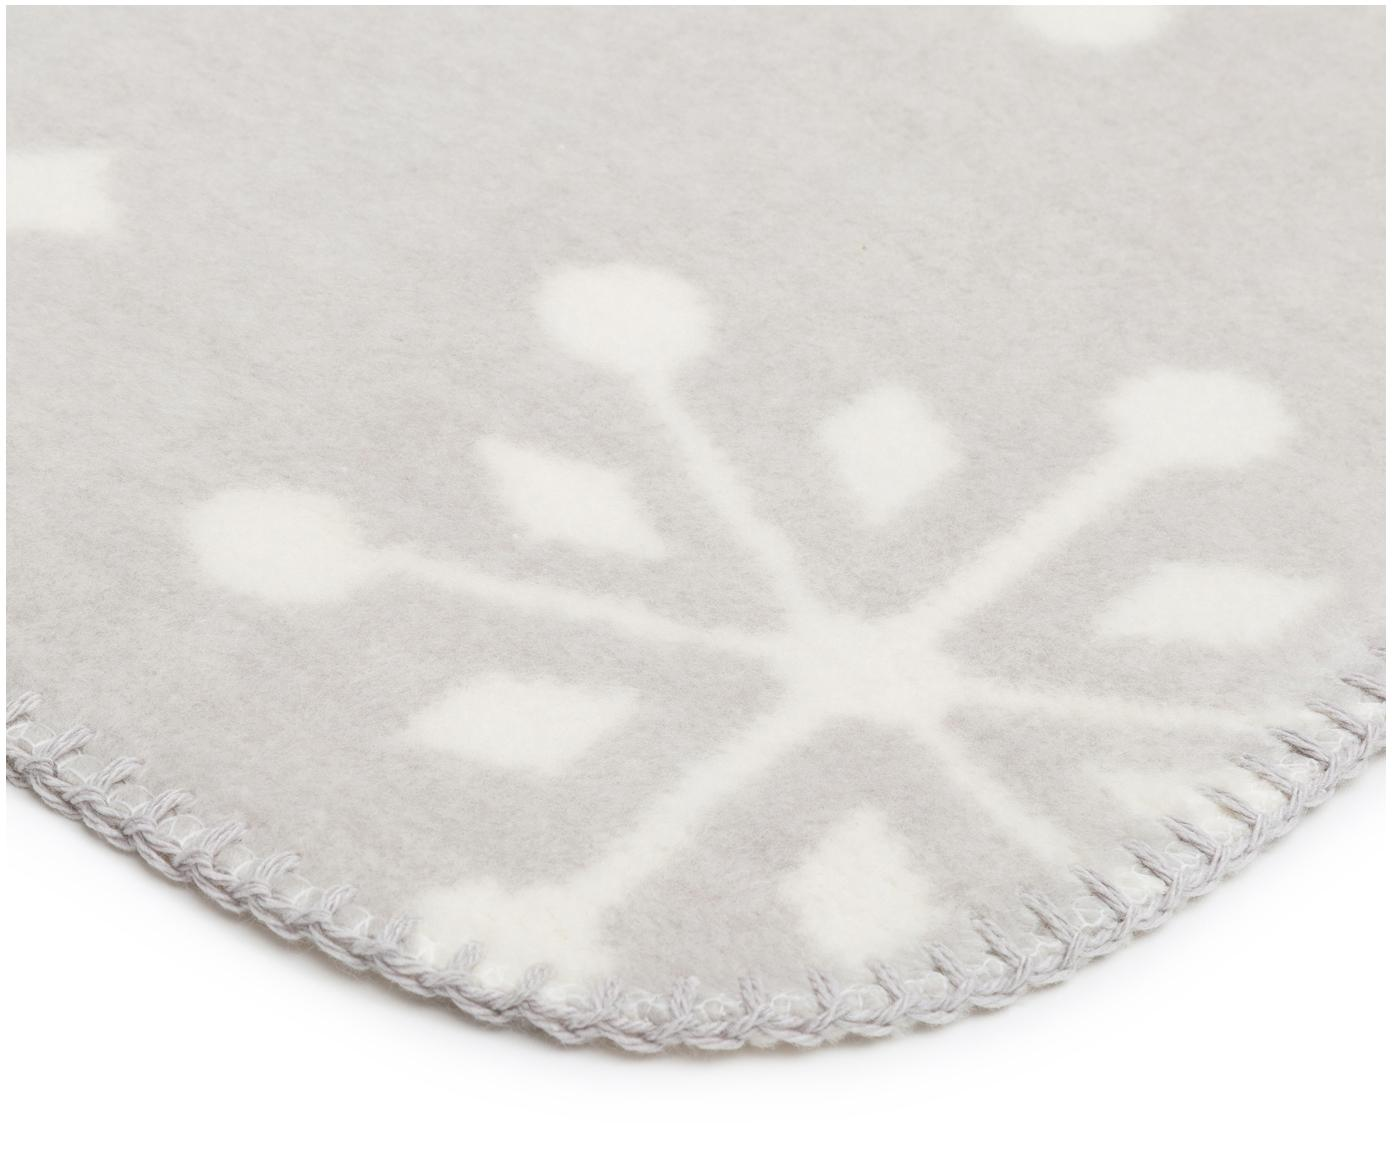 Dwustronny pled  Sense of Snow, 50% bawełna, 43% poliaktylonitryl, 7% poliester, Odcienie szarego, złamana biel, D 200 x S 150 cm